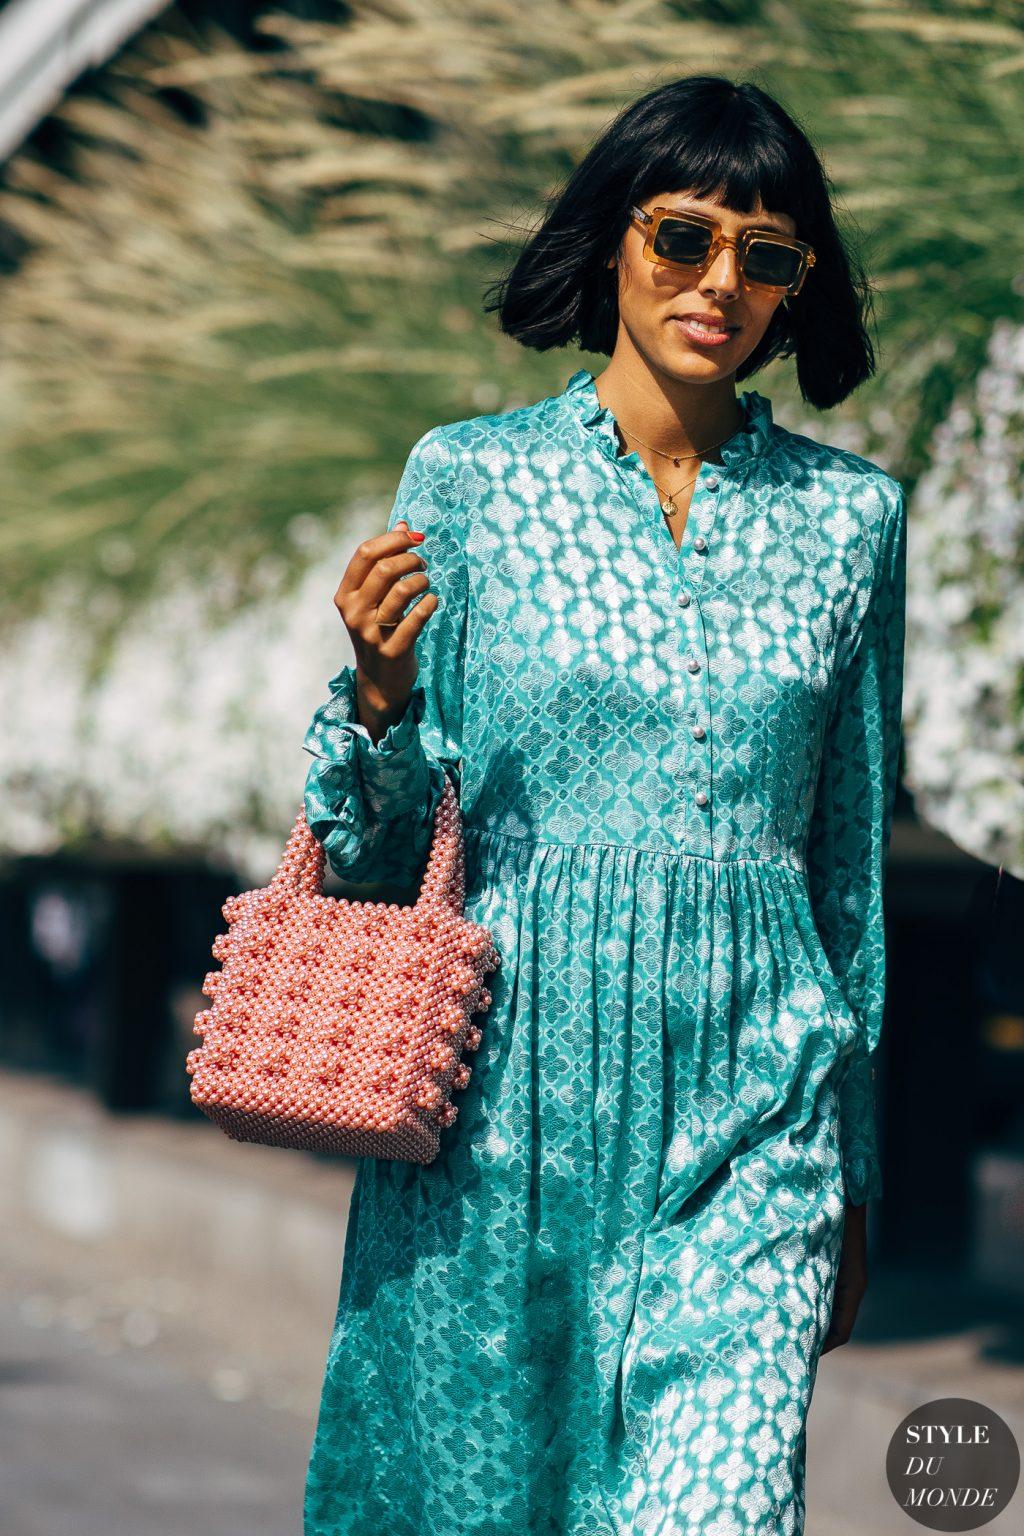 túi xách kết hạt đầm shirtdress lụa màu xanh